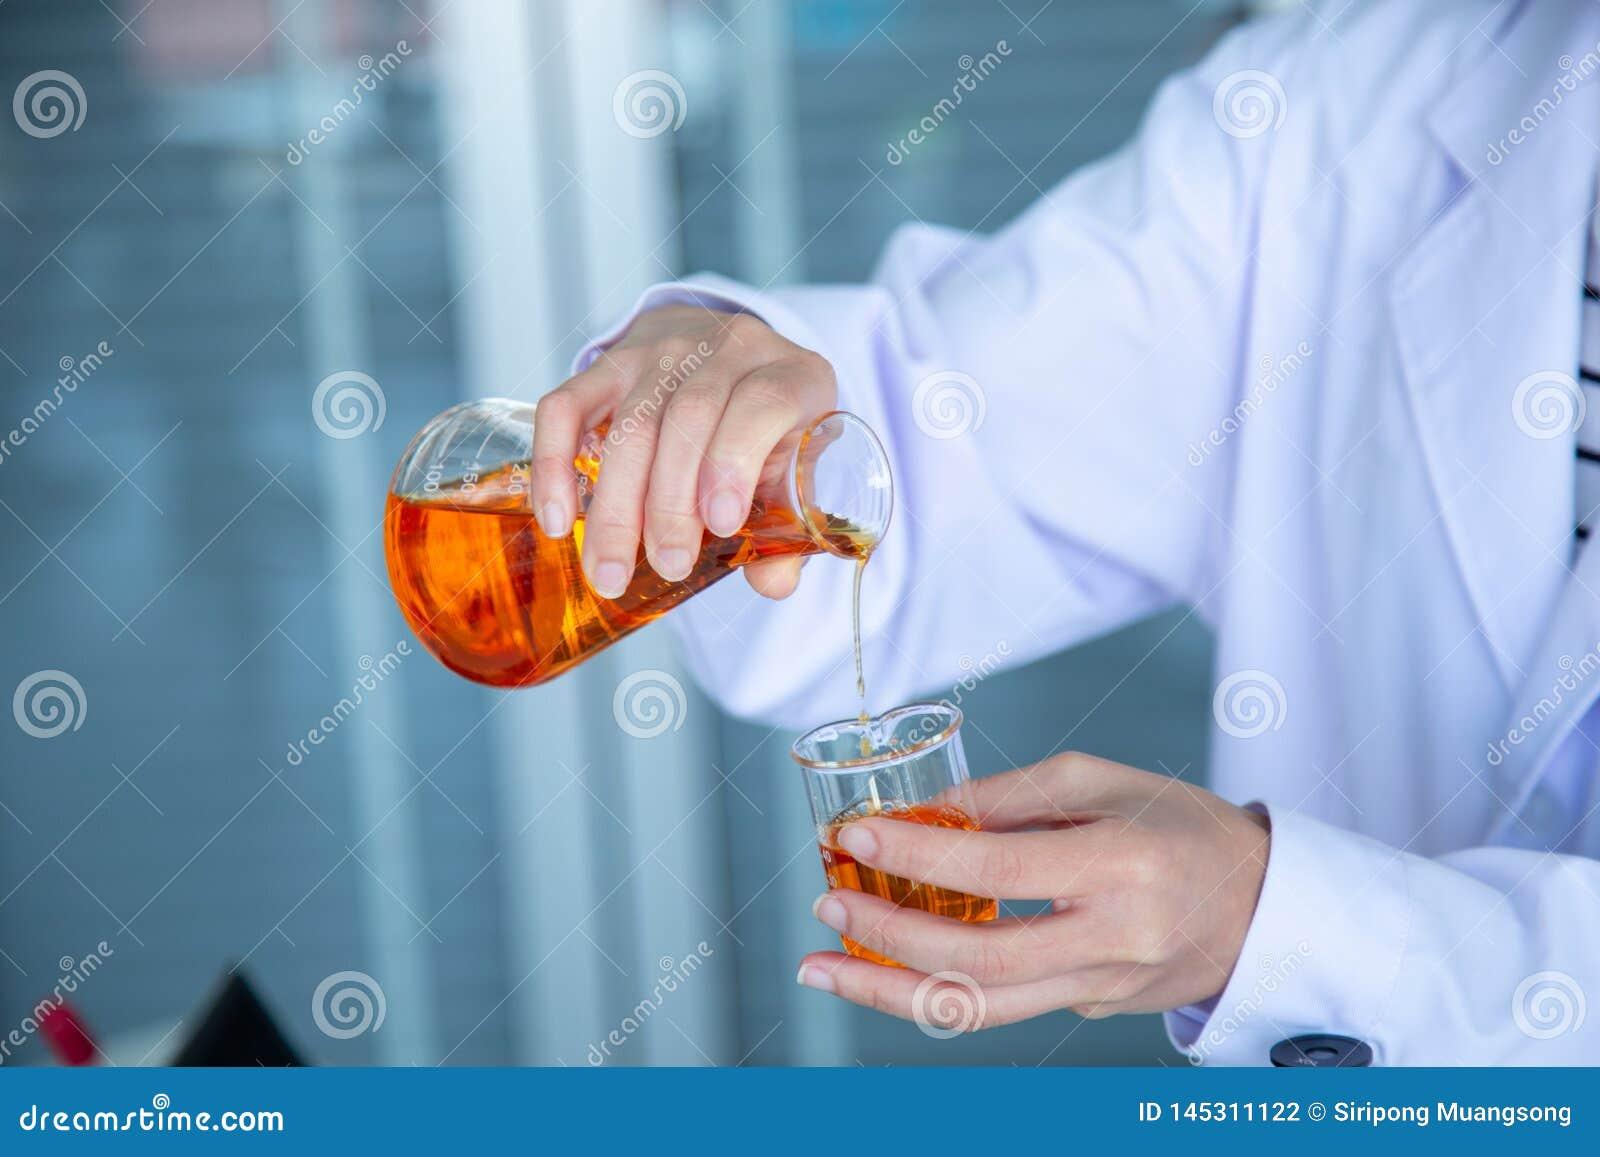 Близкая поднимающая вверх рука ученого лить оранжевую жидкость